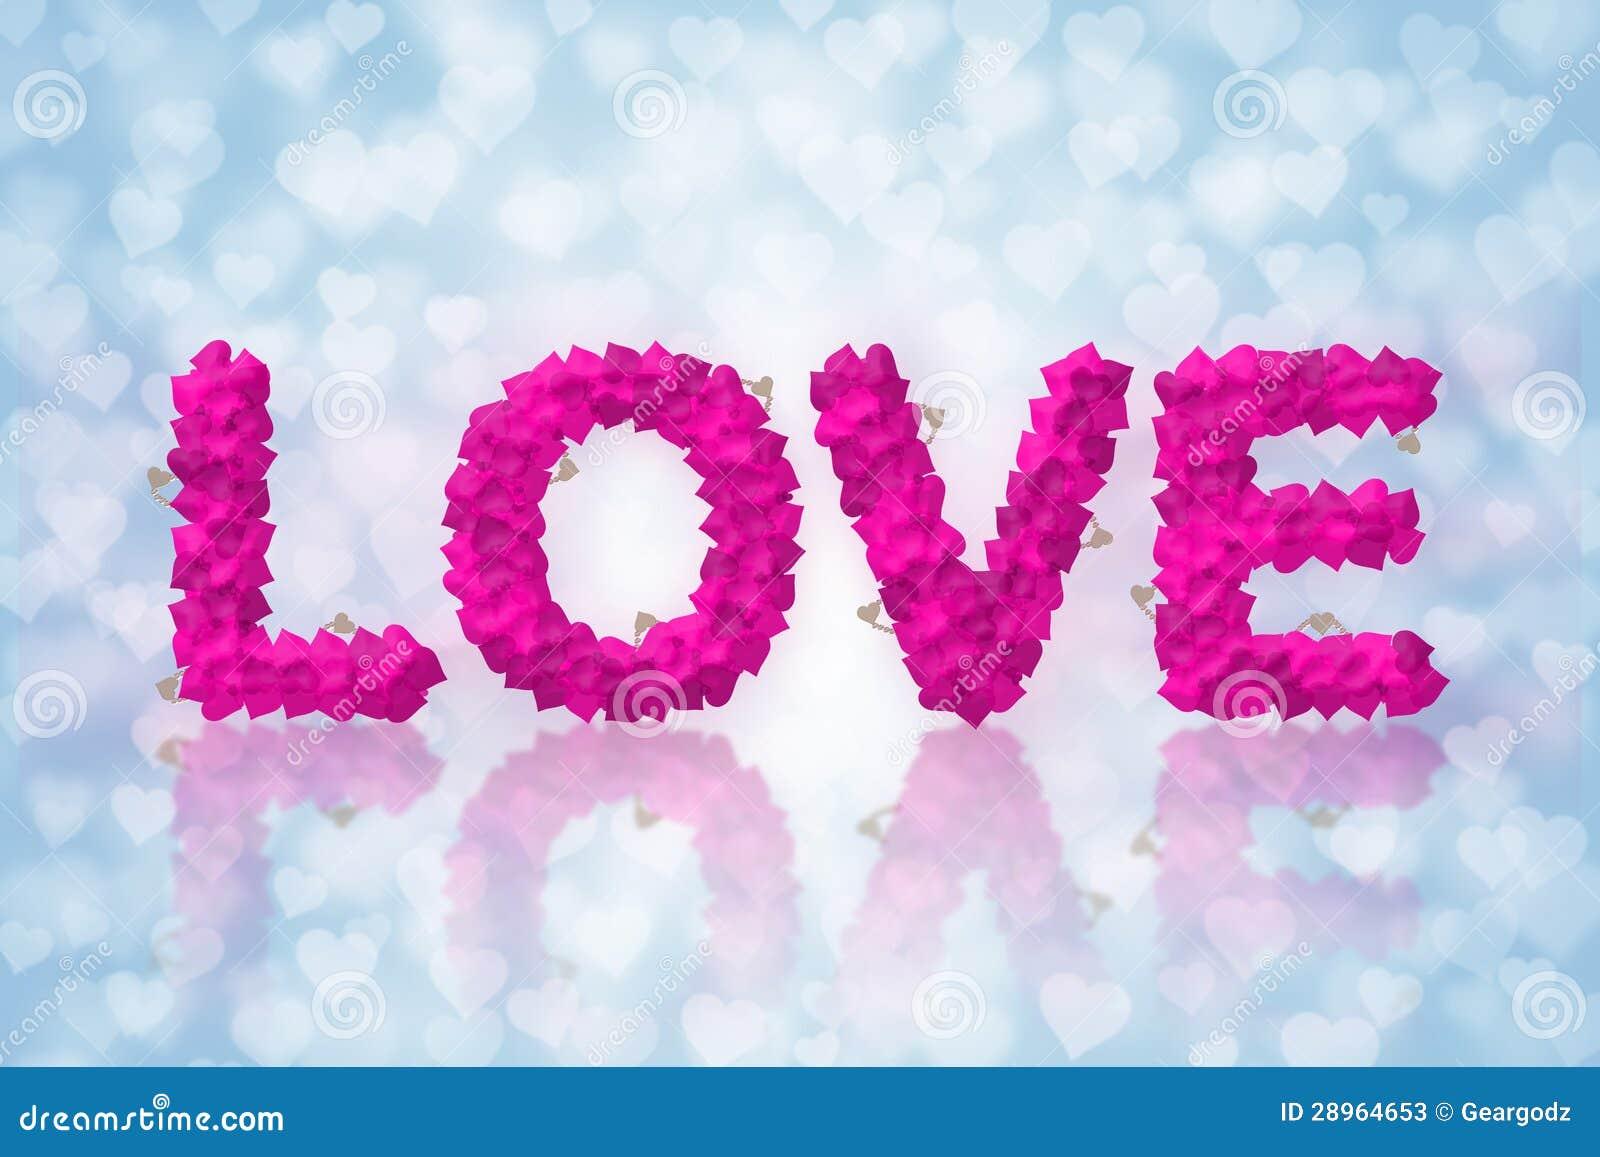 Miłość tekst